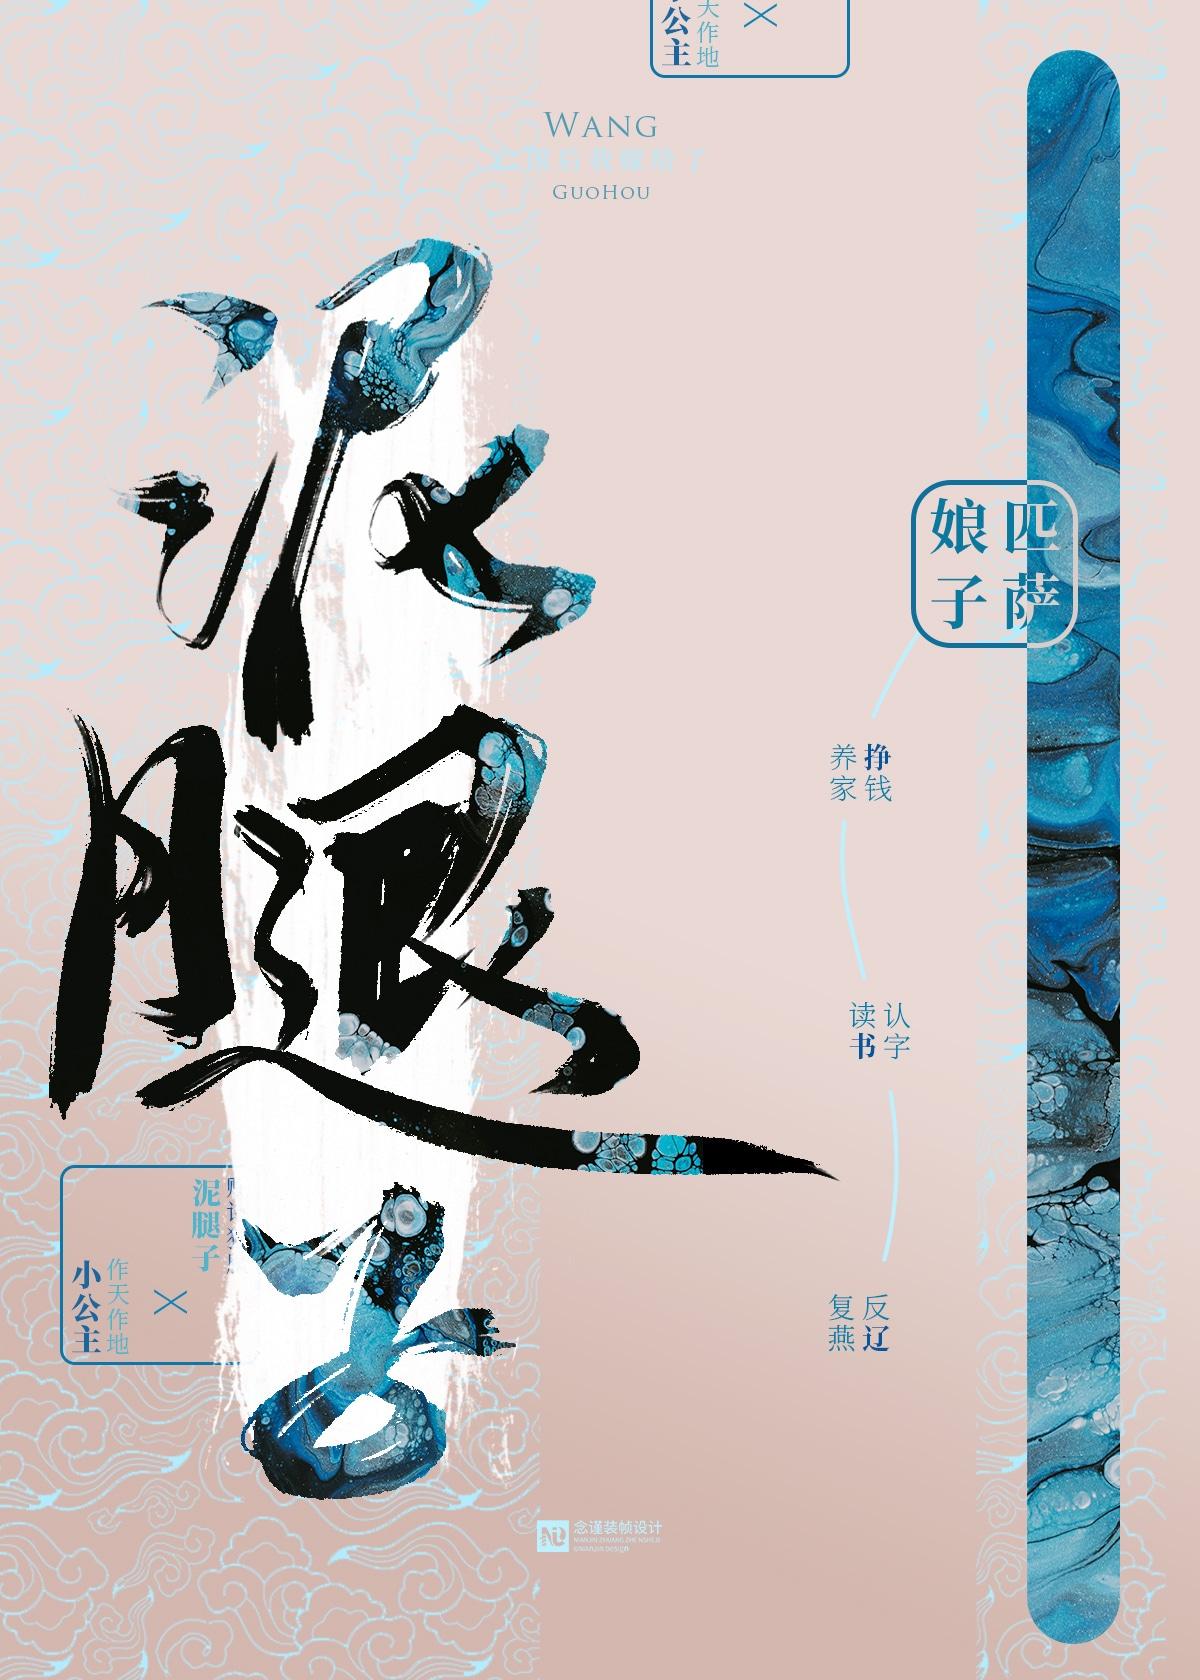 亡国后我嫁给了泥腿 (中文 language, 2021, 晋江)